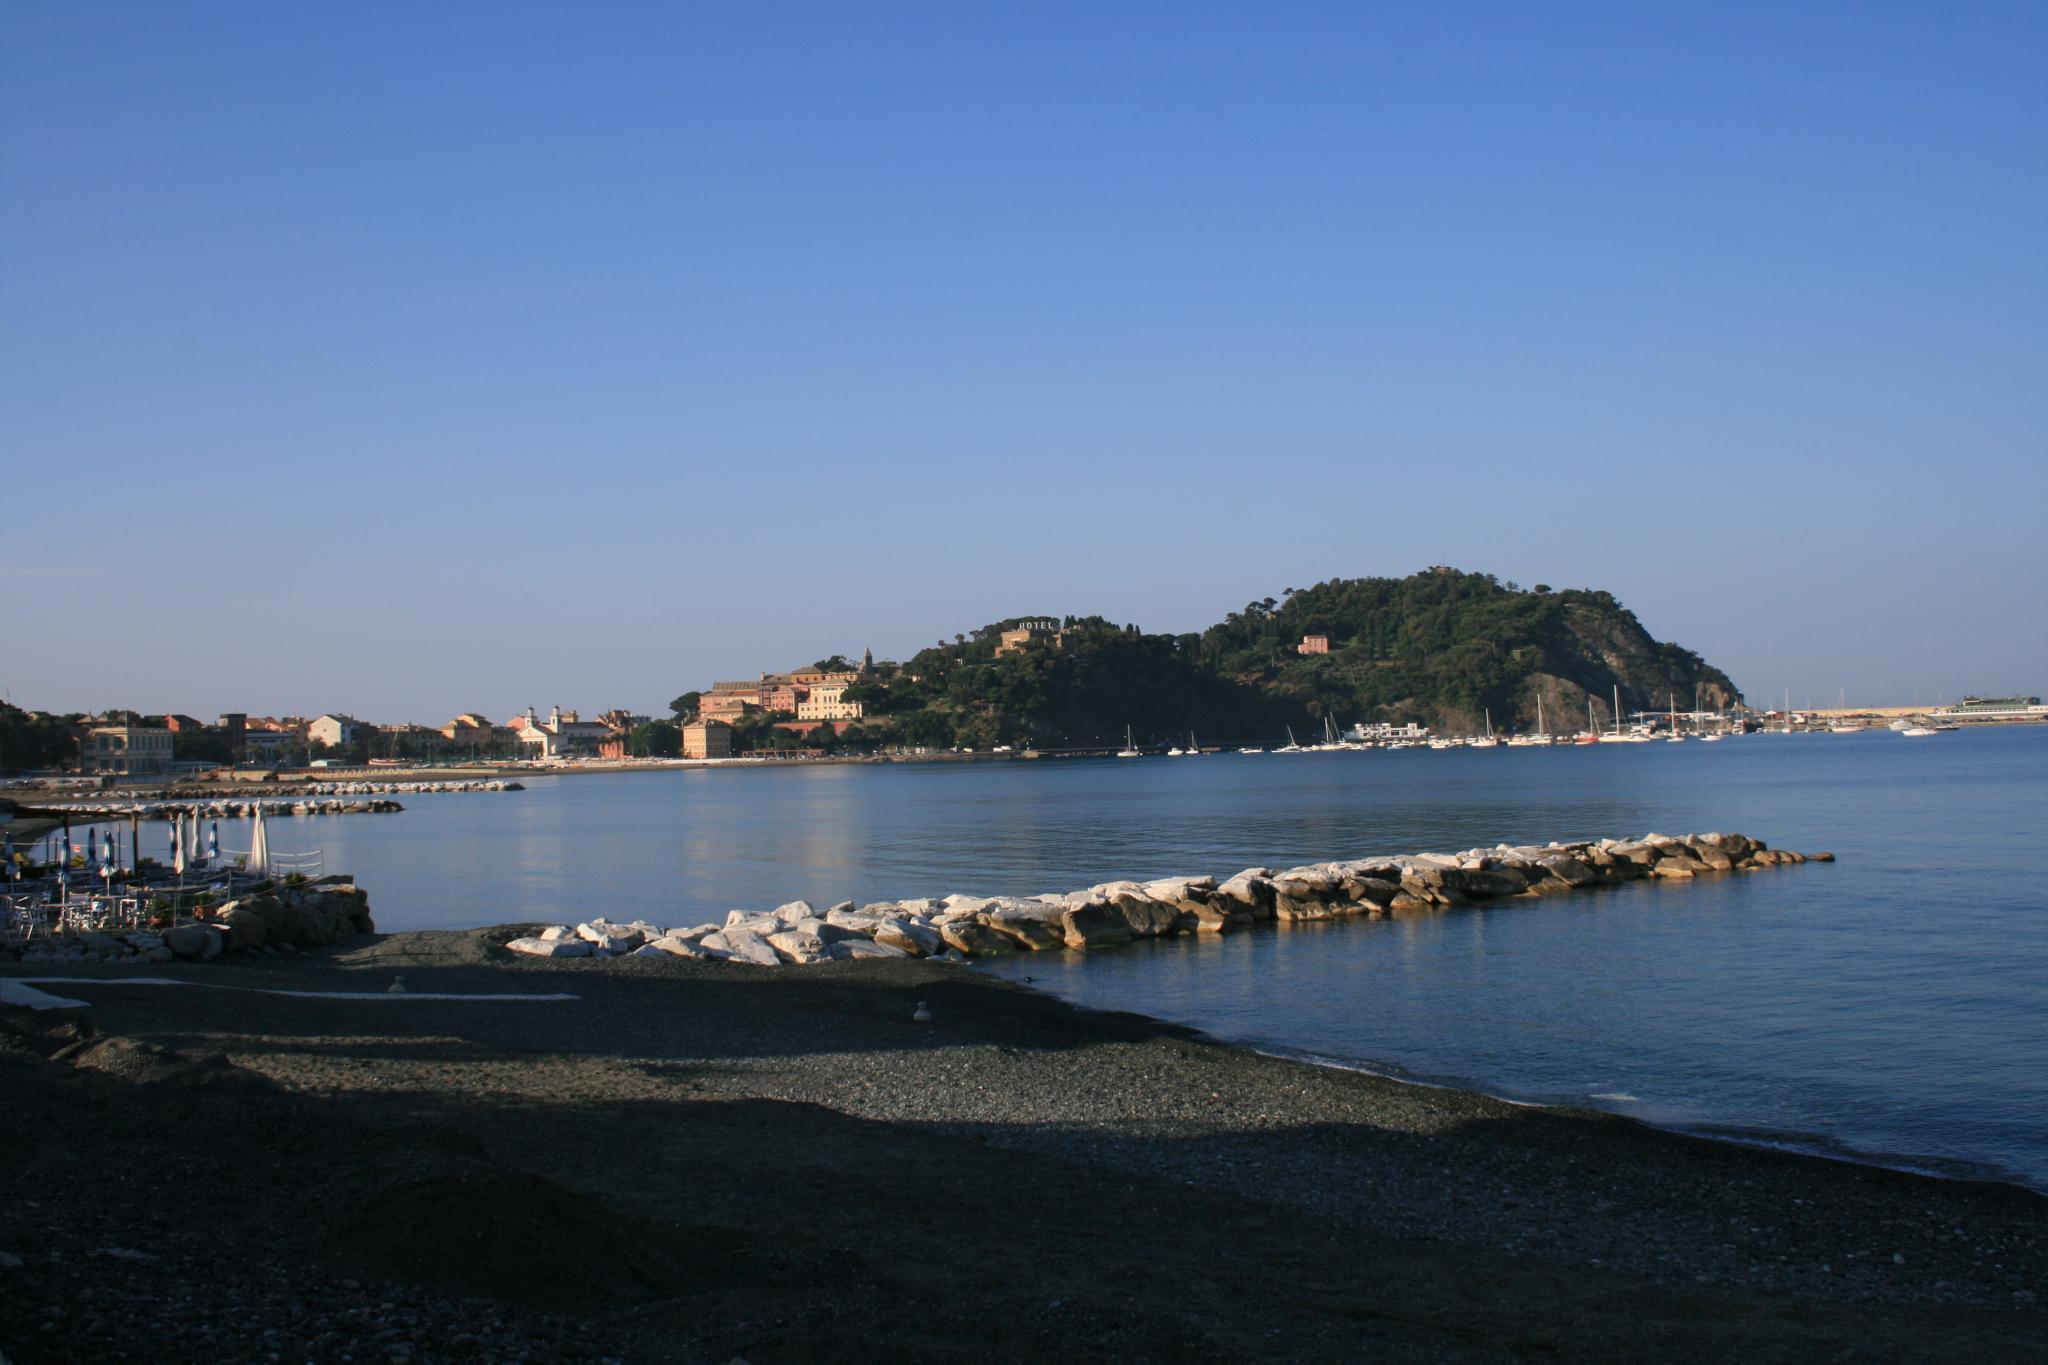 Matrimonio Spiaggia Sestri Levante : Lungomare e spiagge di sestri levante fuorigenova